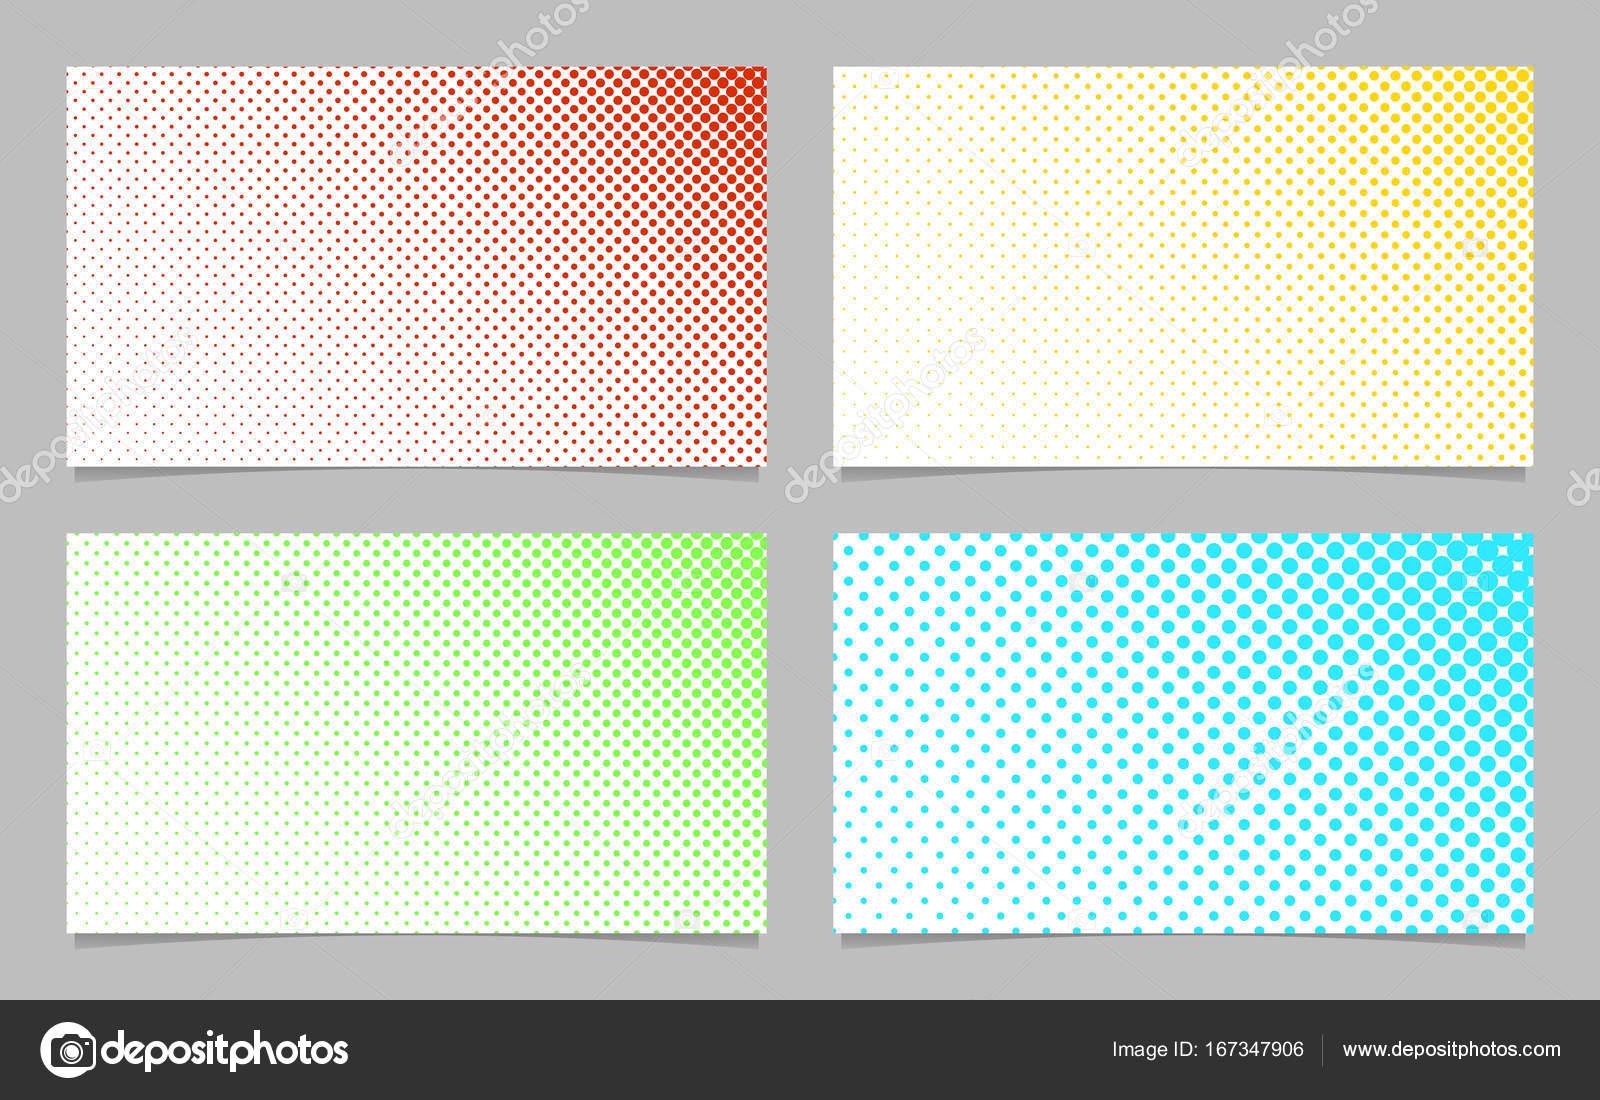 Digitaler Halbton Dot Muster Visitenkarte Vorlage